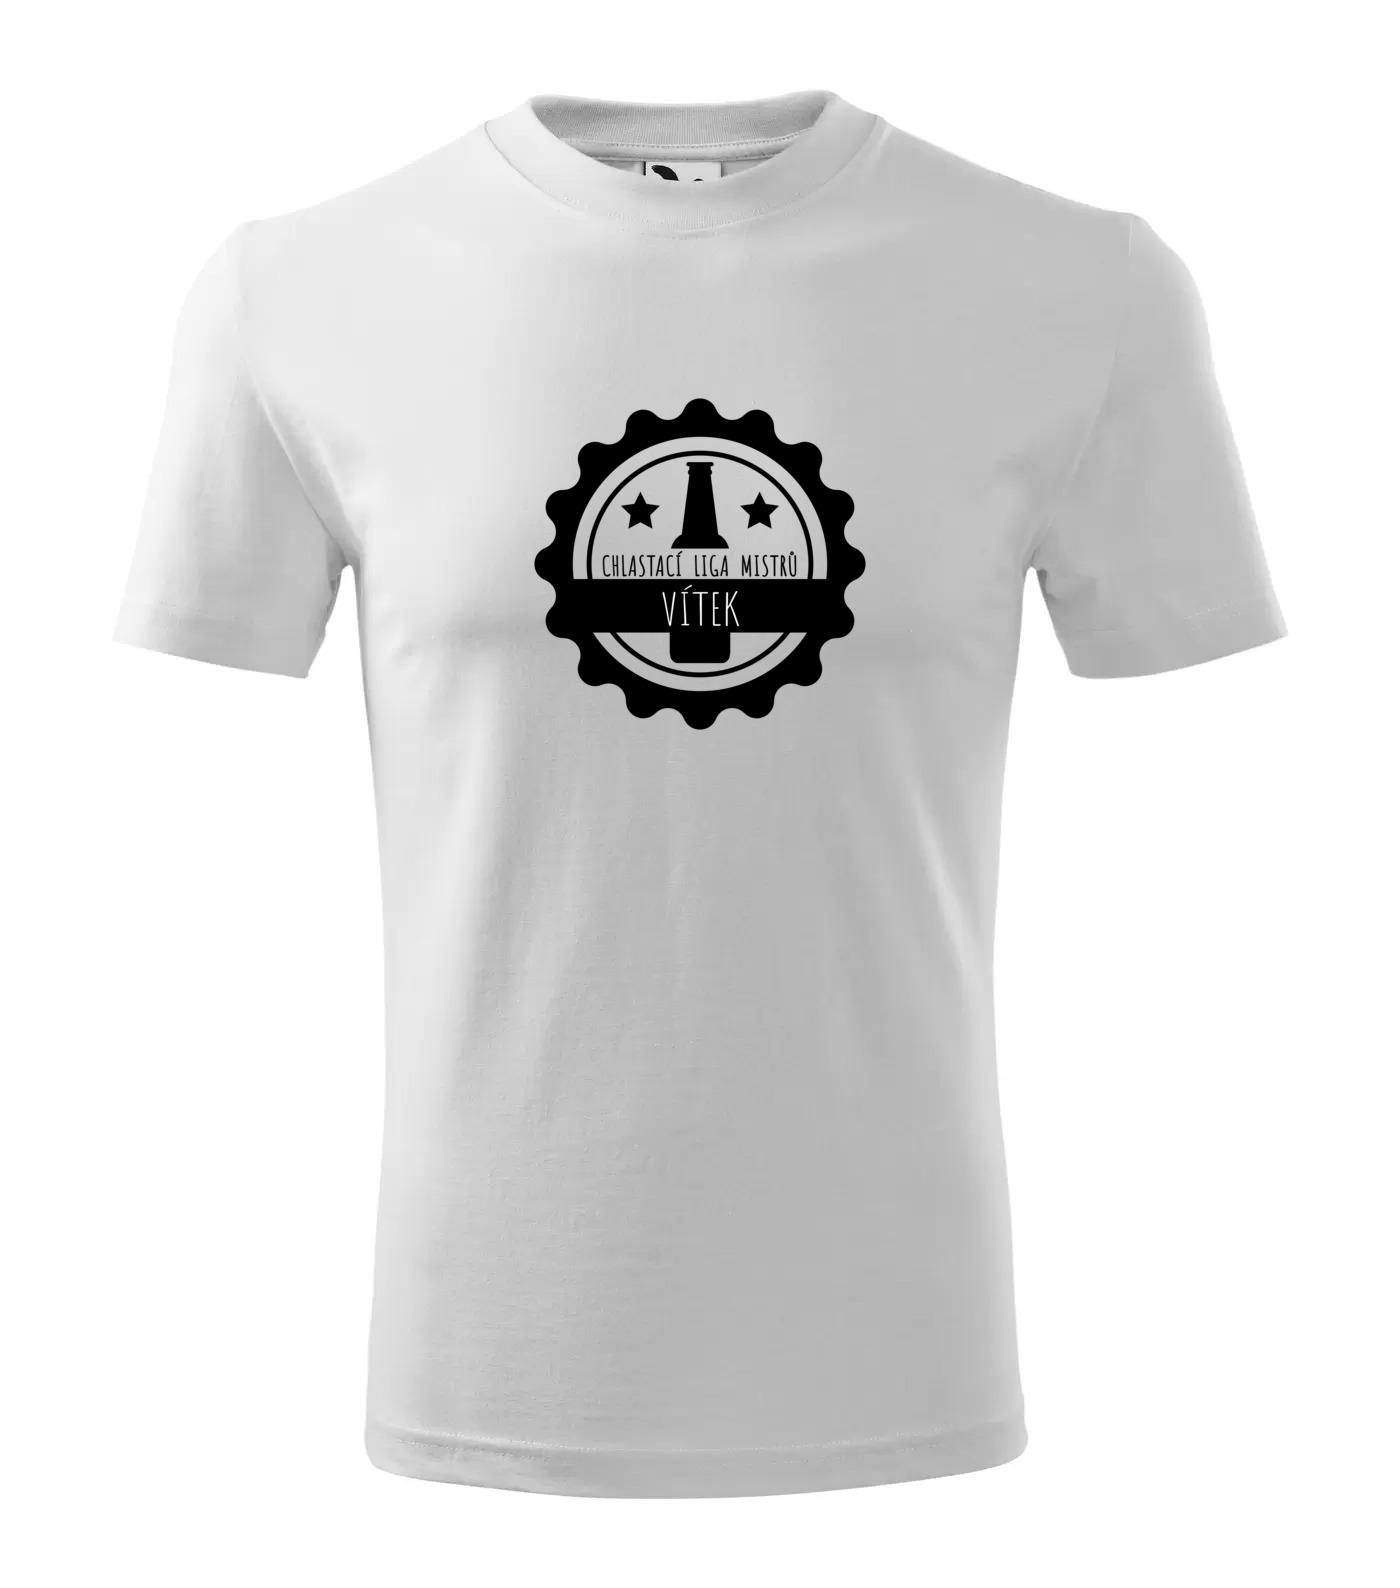 Tričko Chlastací liga mužů Vítek